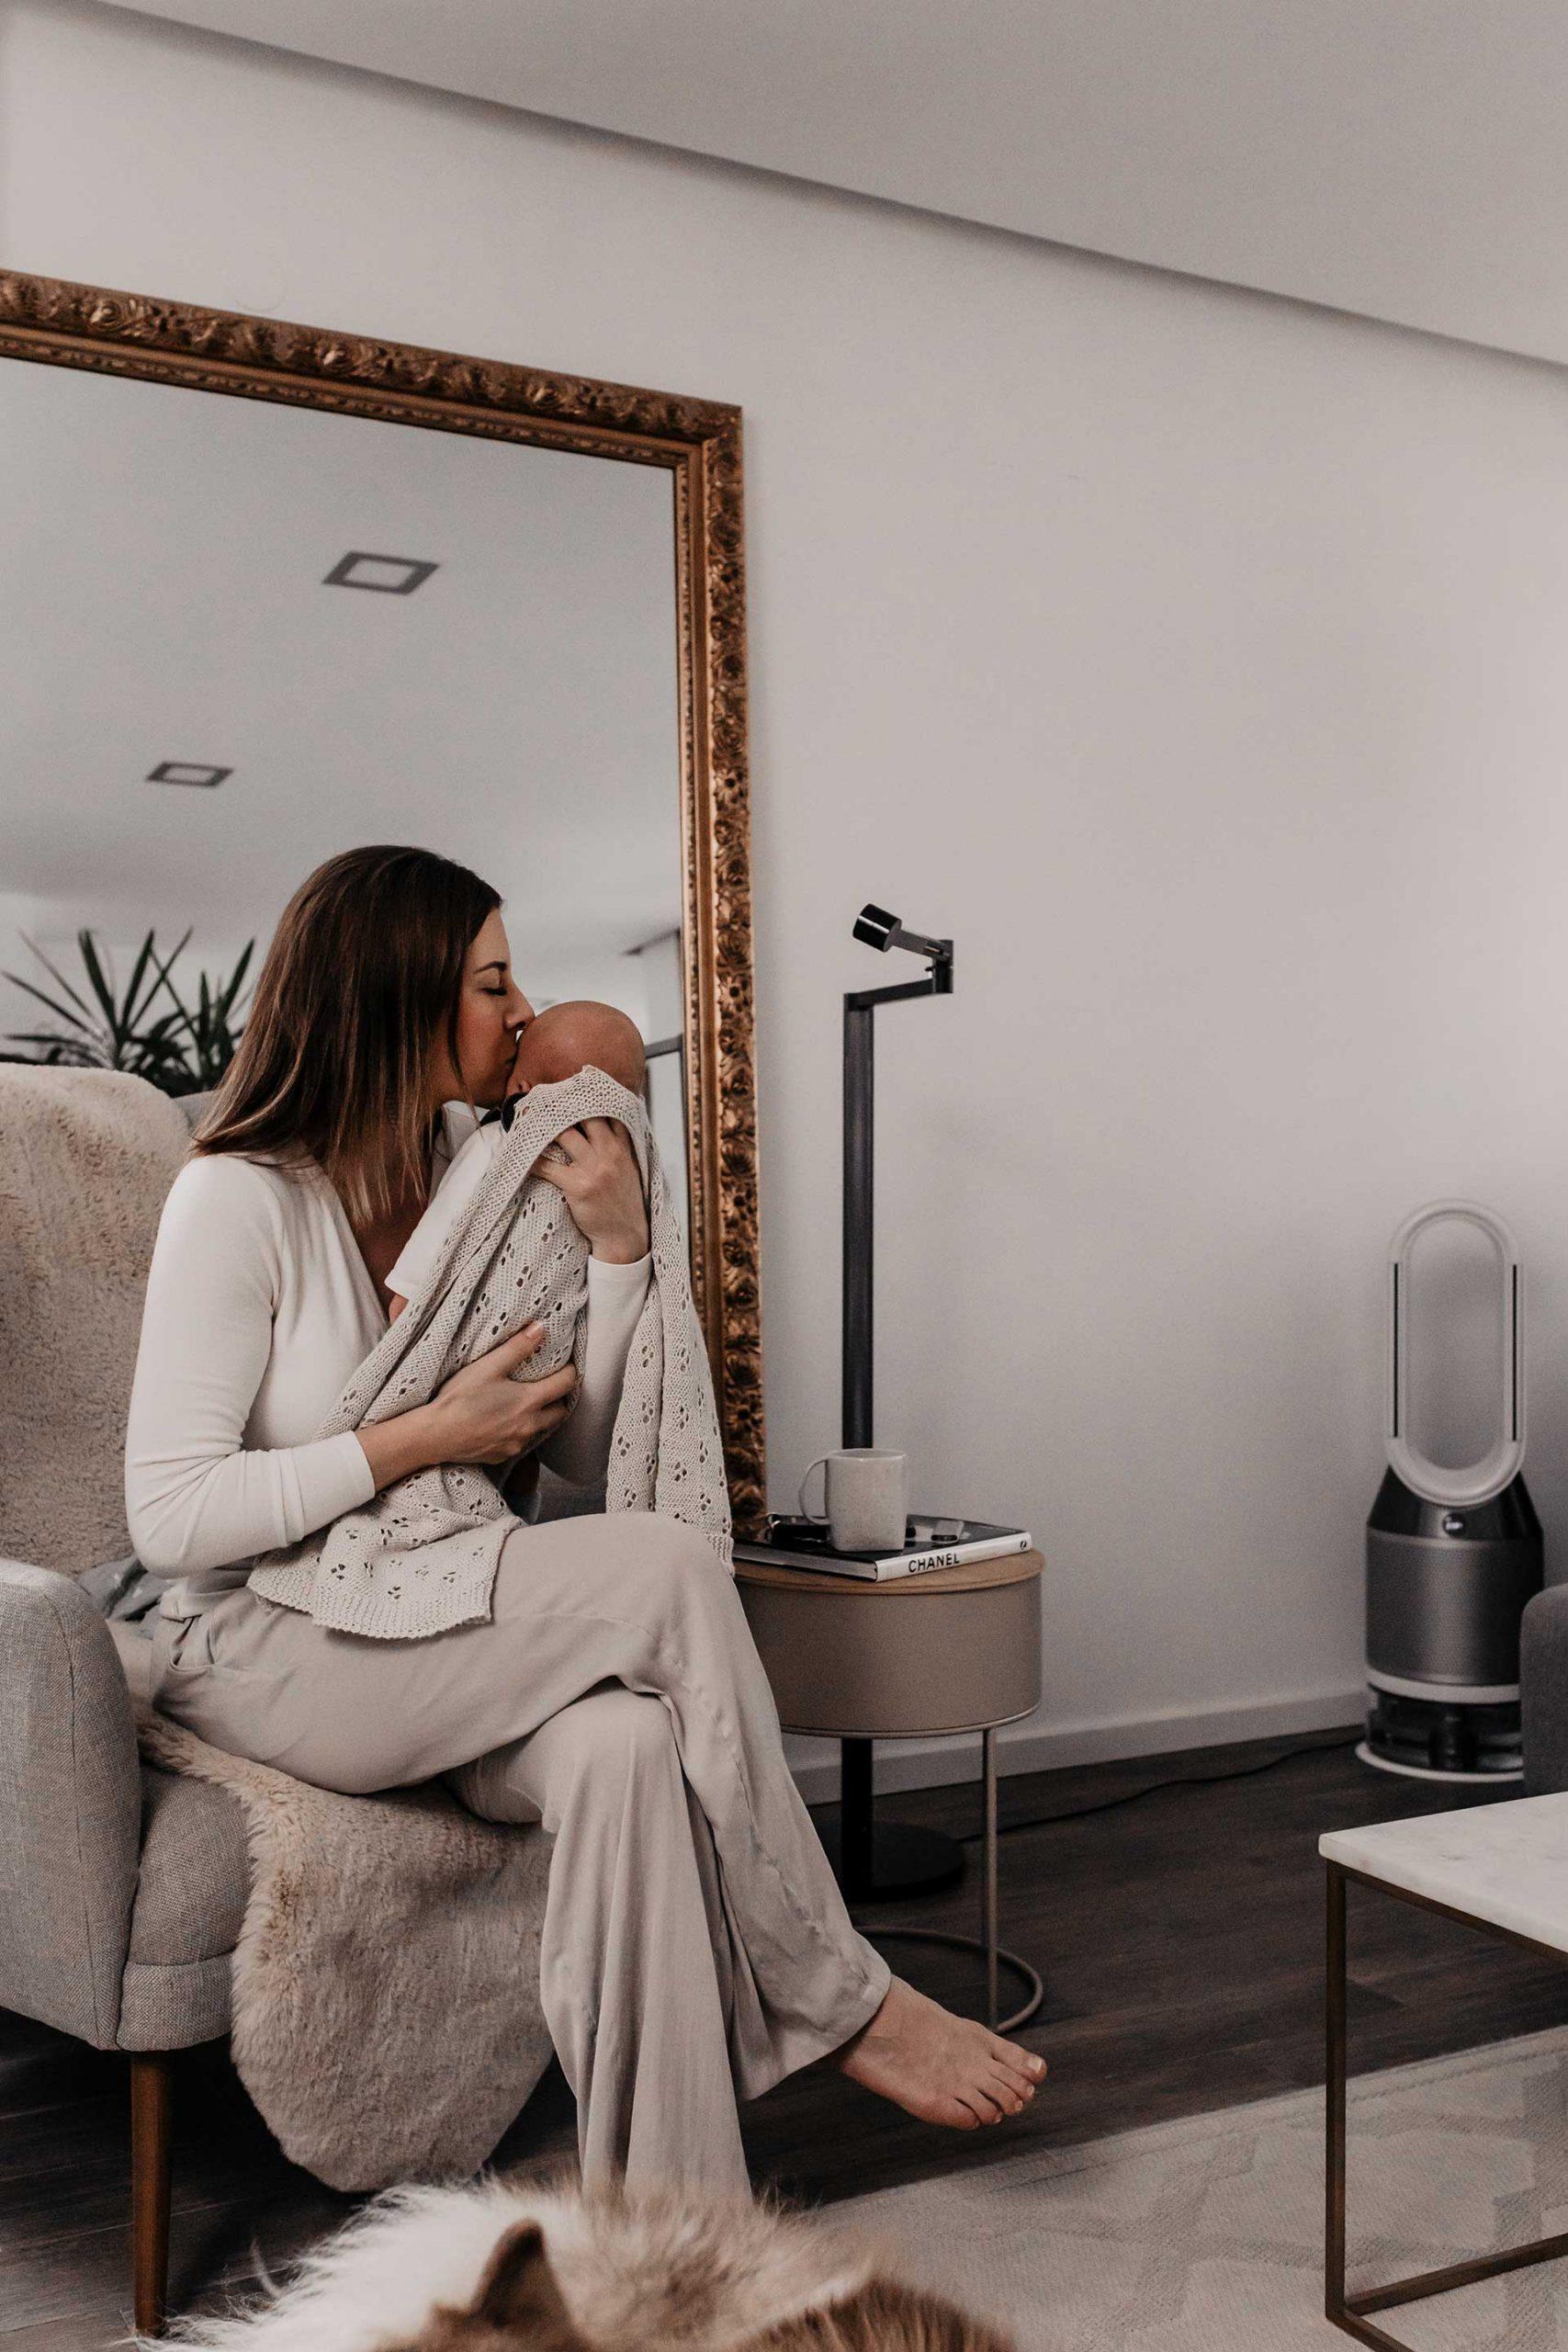 Anzeige. In diesem Blogbeitrag erkläre ich dir, warum ein gesundes Raumklima so wichtig ist. Außerdem verrate ich dir, was gute Luft mit Hautpflege zu tun hat und welches Gadget dir zu mehr Wohlbefinden verhelfen kann. www.whoismocca.com